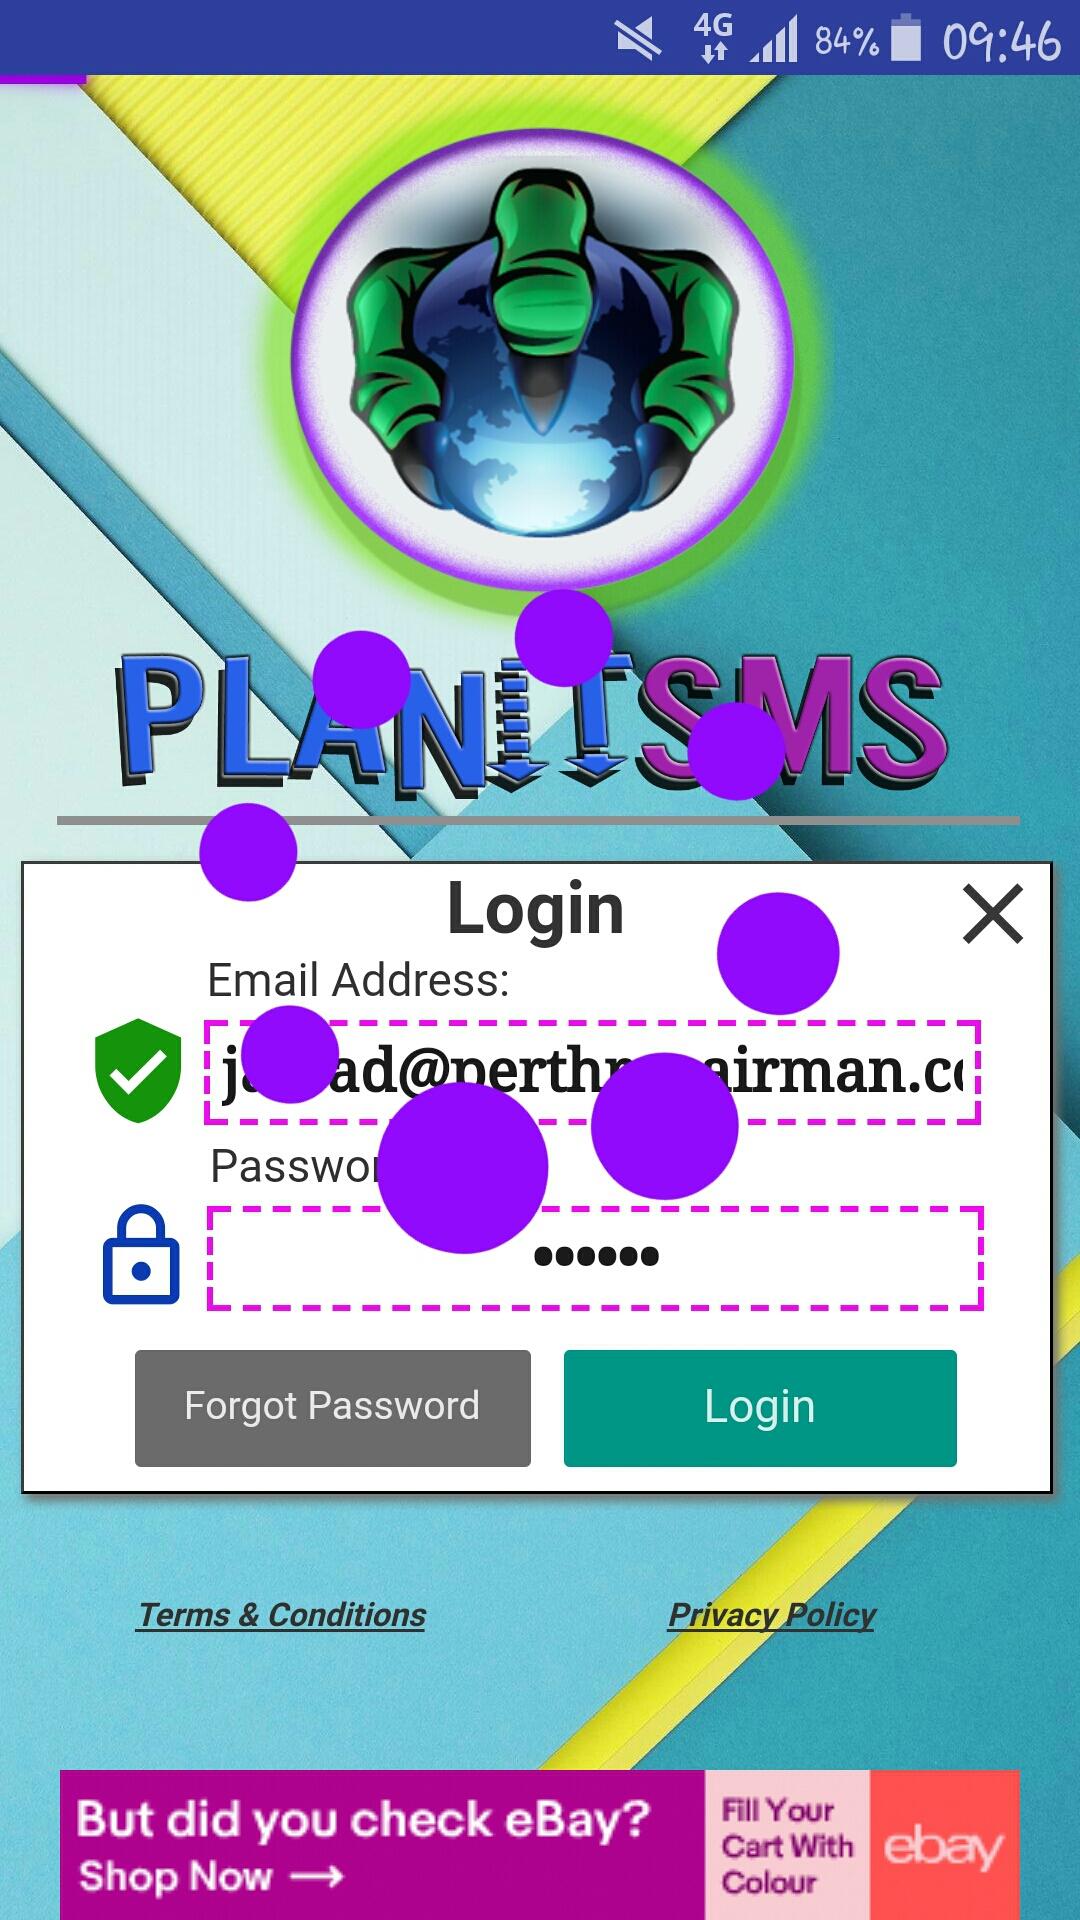 Do you have plans for offline Bubble is apps? - Idea - Bubble Forum